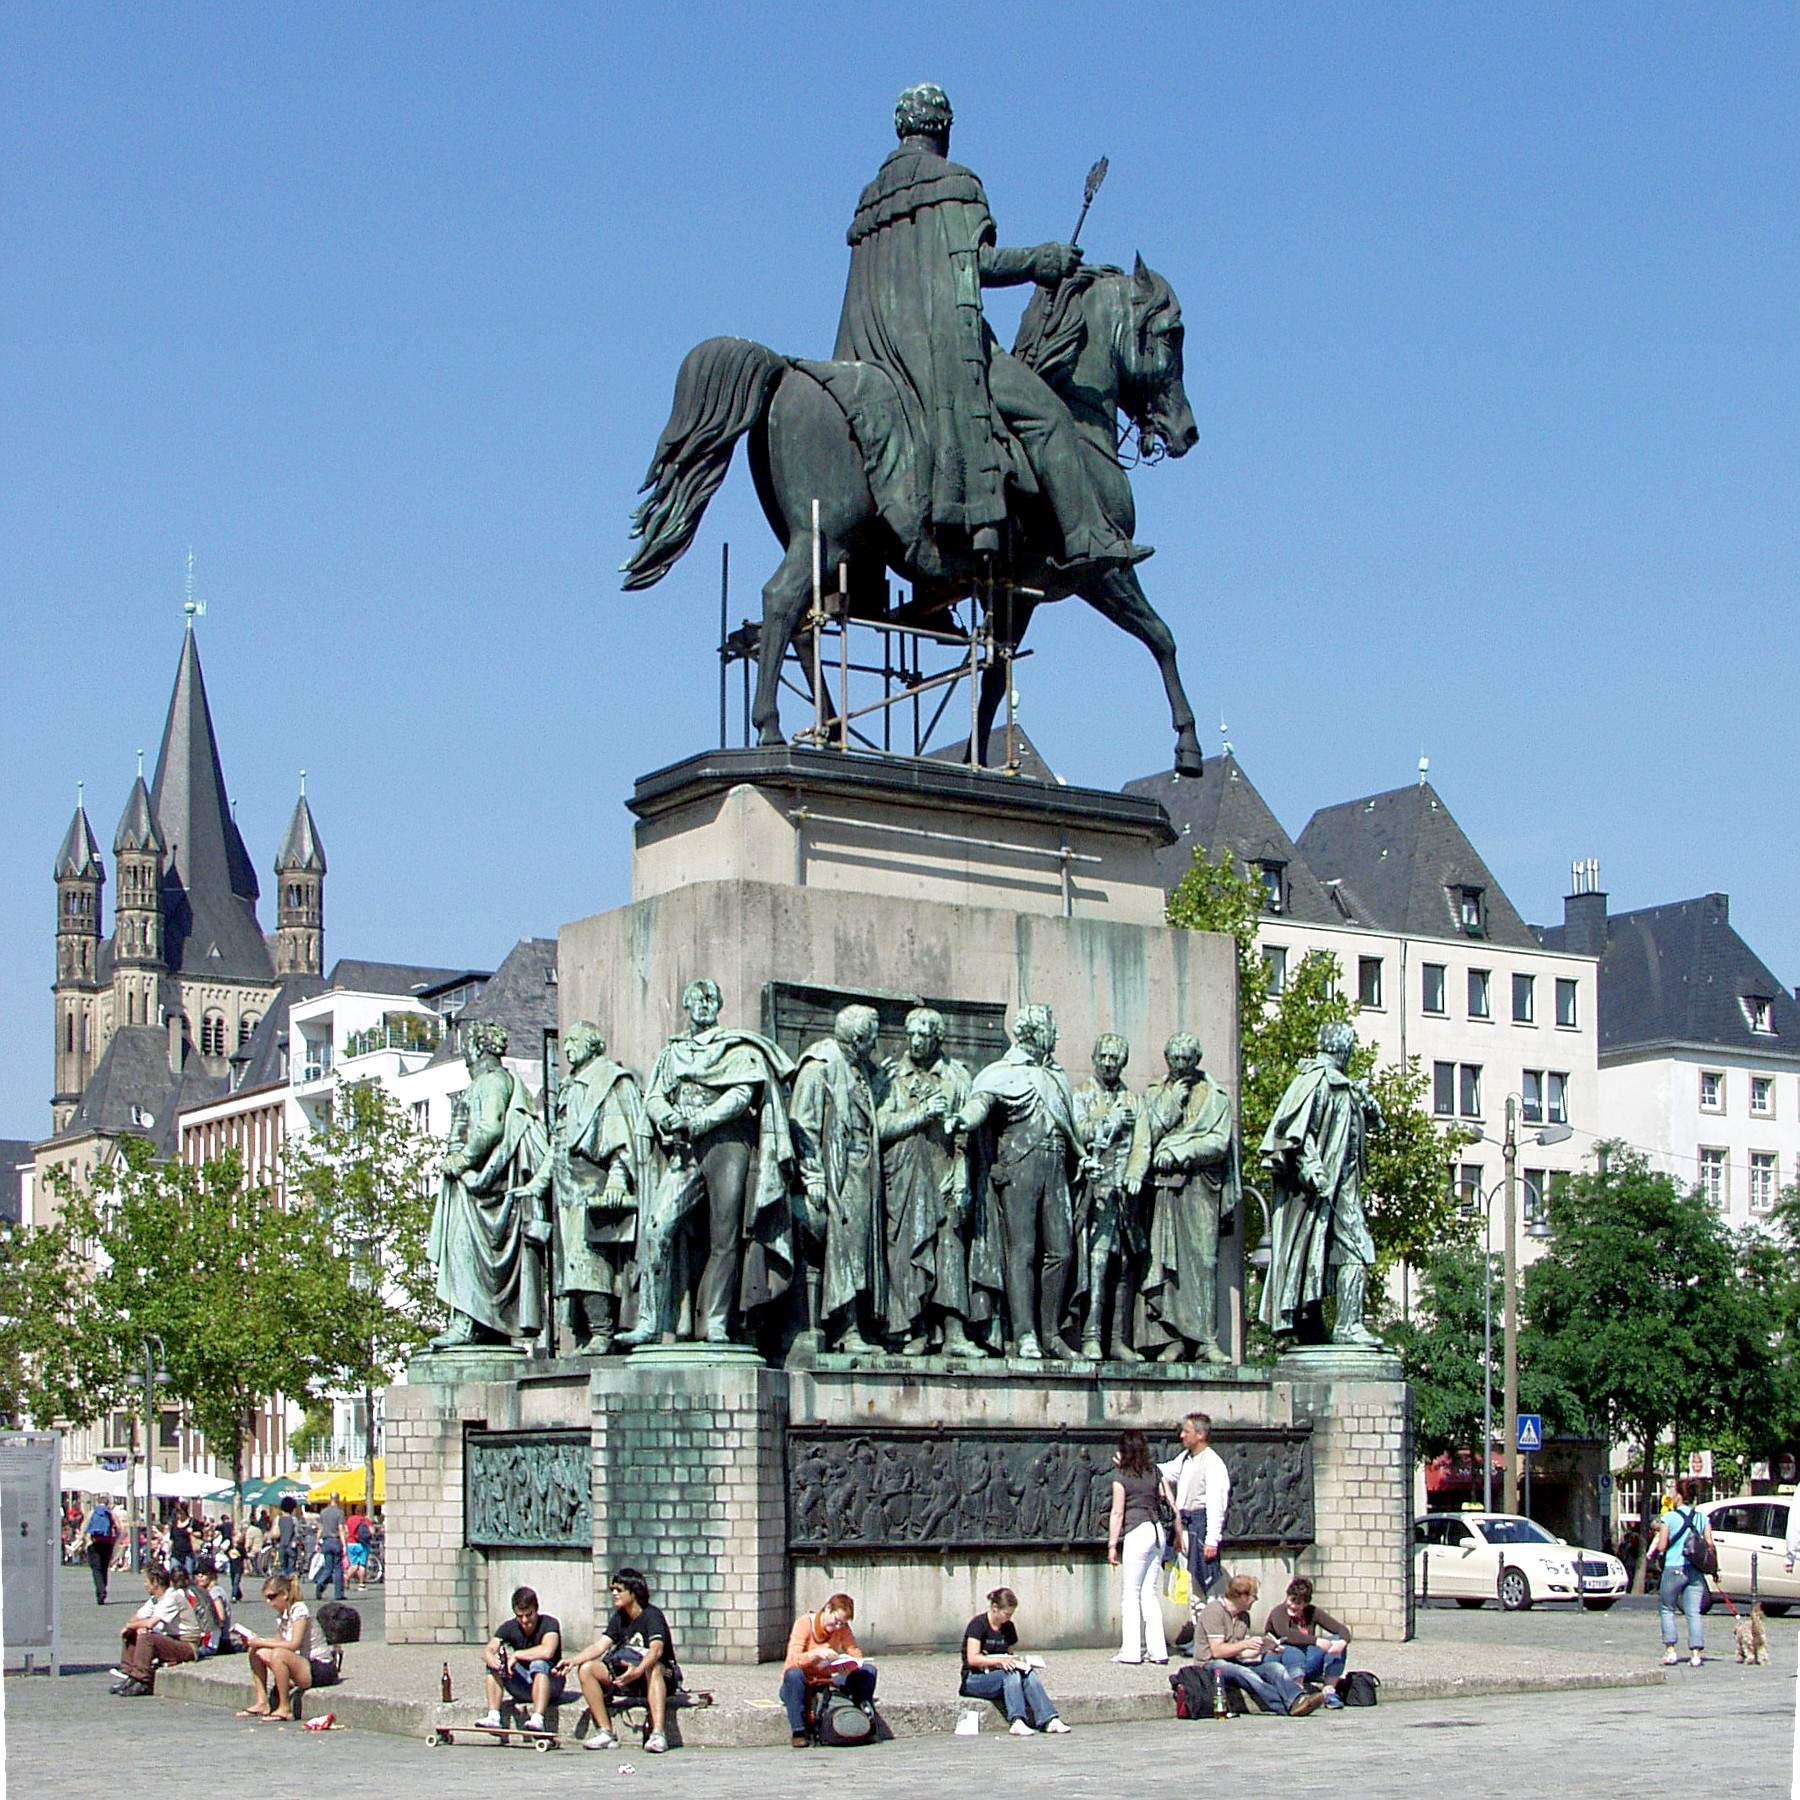 Standbild Heumarkt Köln Gesamtansicht